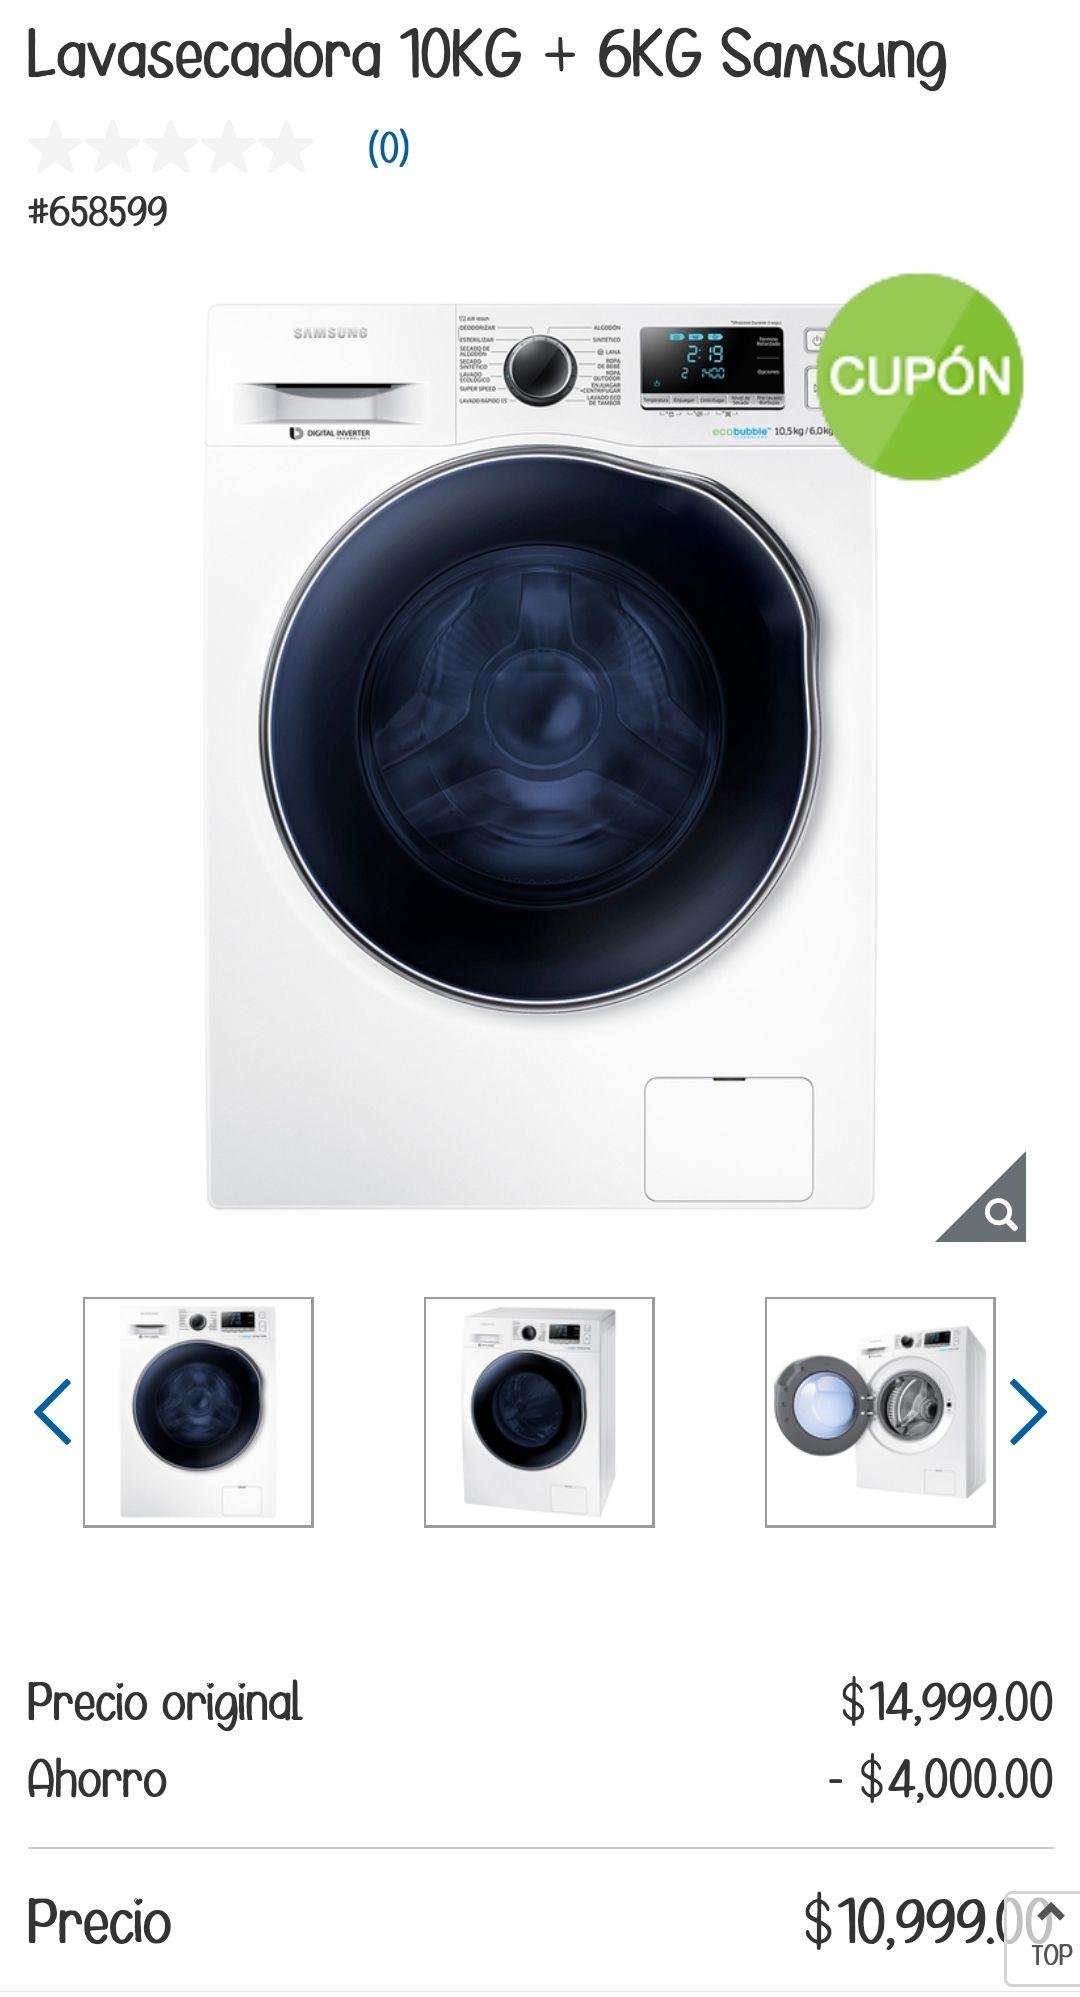 Costco: Lavasecadora Samsung